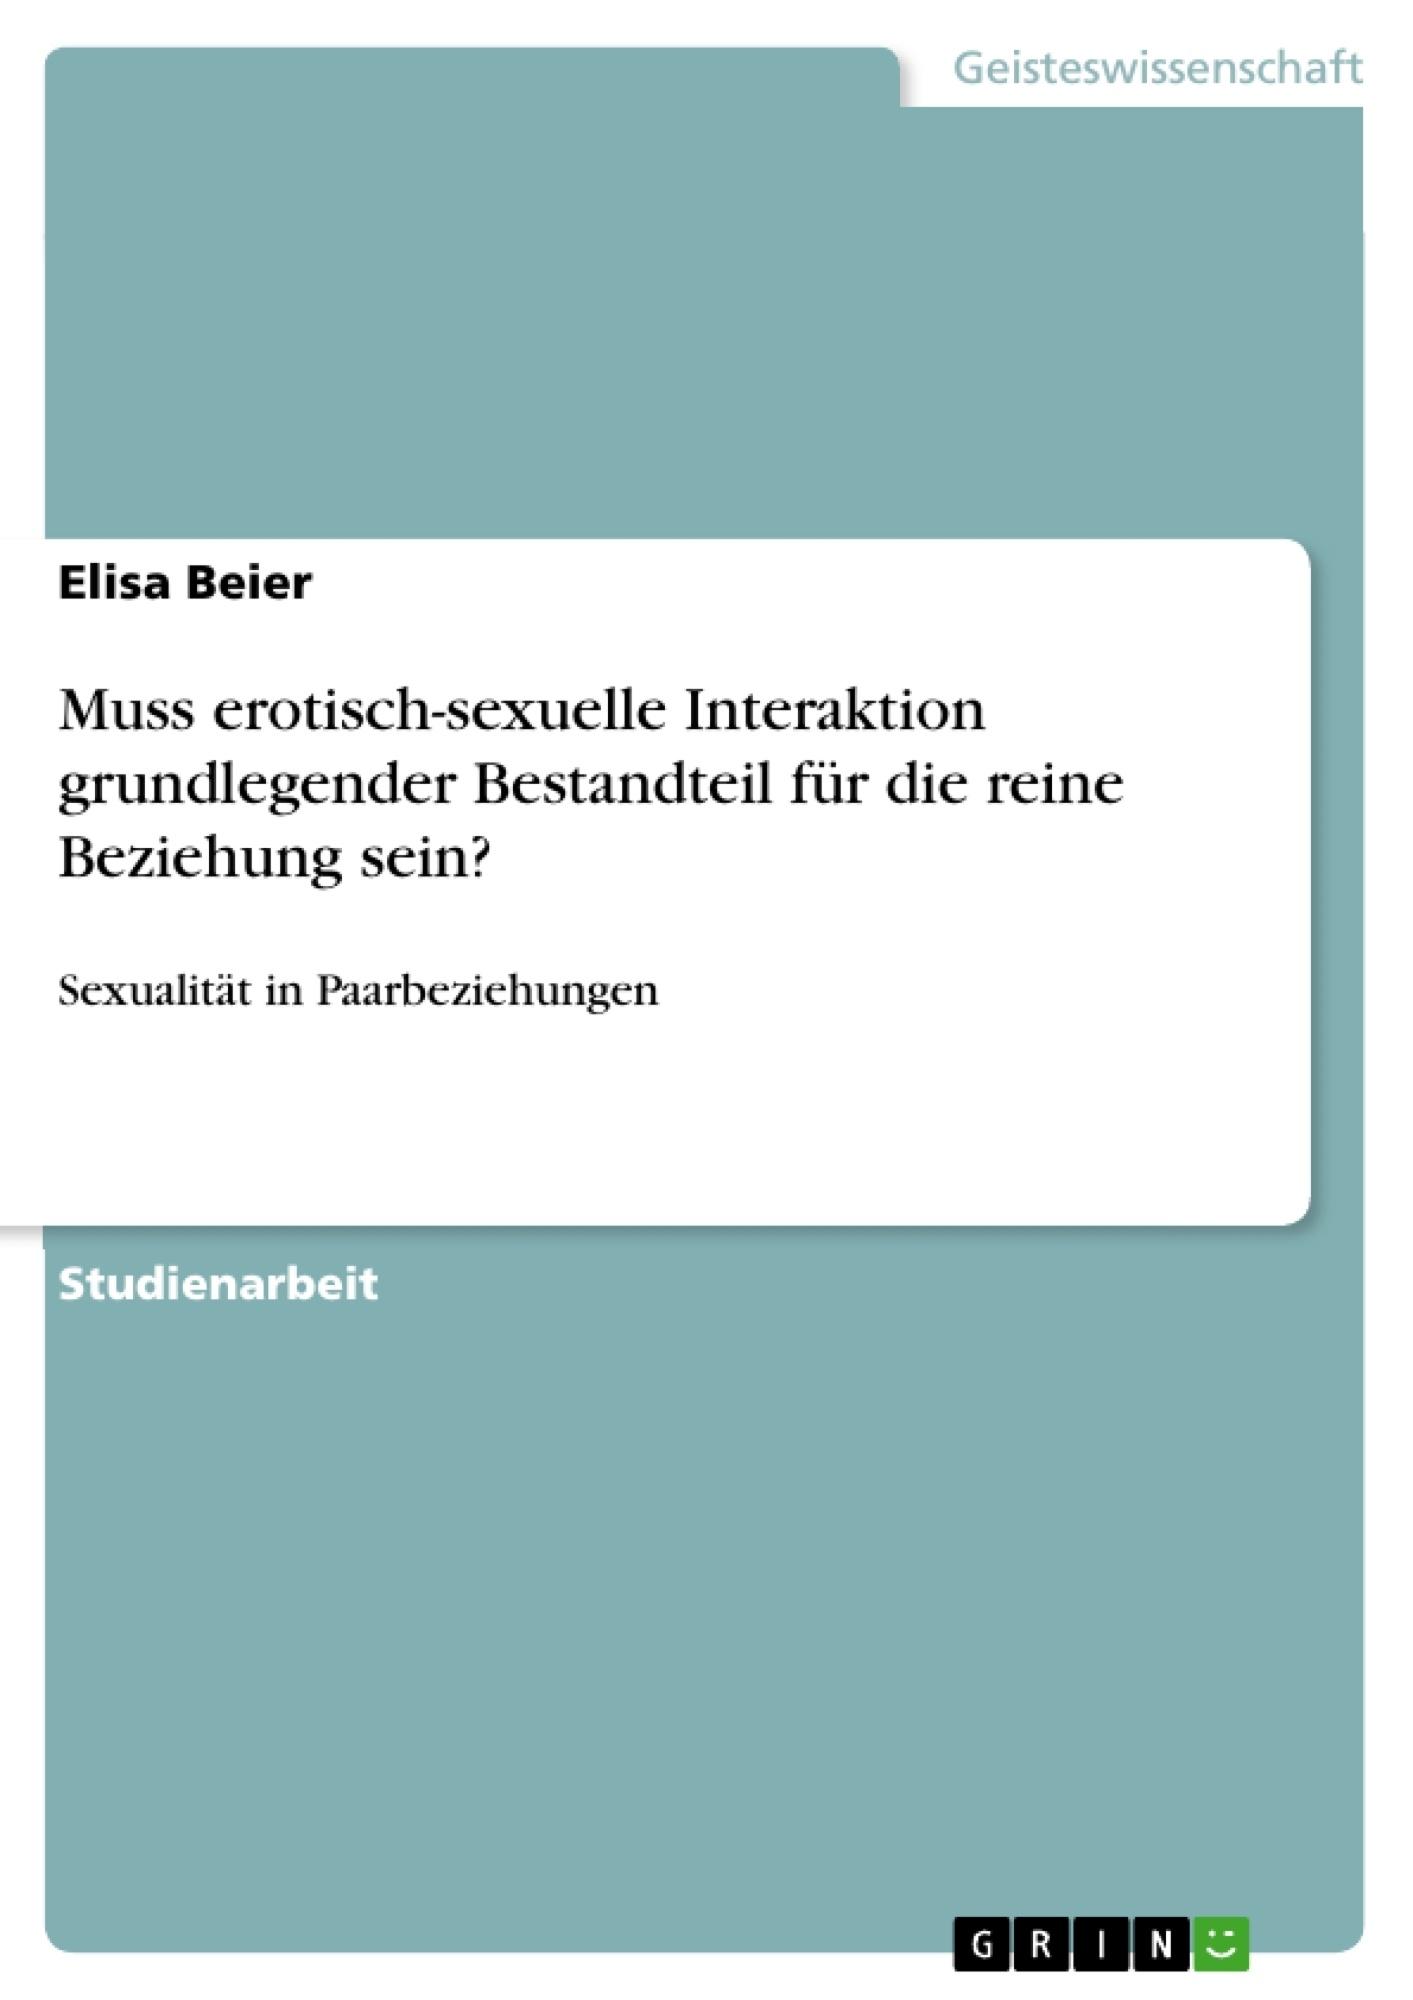 Titel: Muss erotisch-sexuelle Interaktion grundlegender Bestandteil für die reine Beziehung sein?